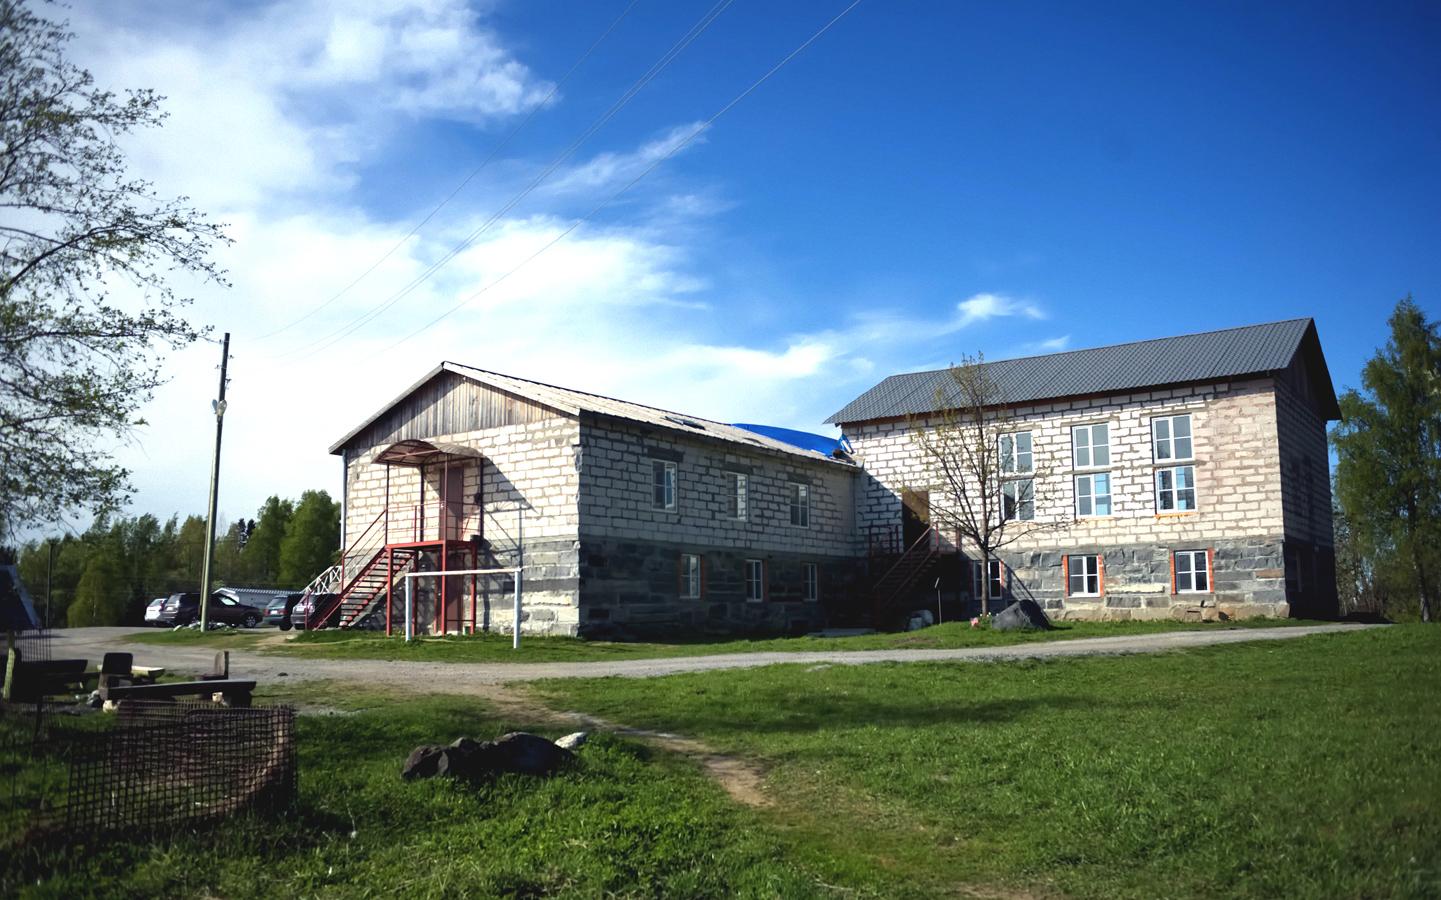 May 13, 2016. Lutheran church in Ruskeala